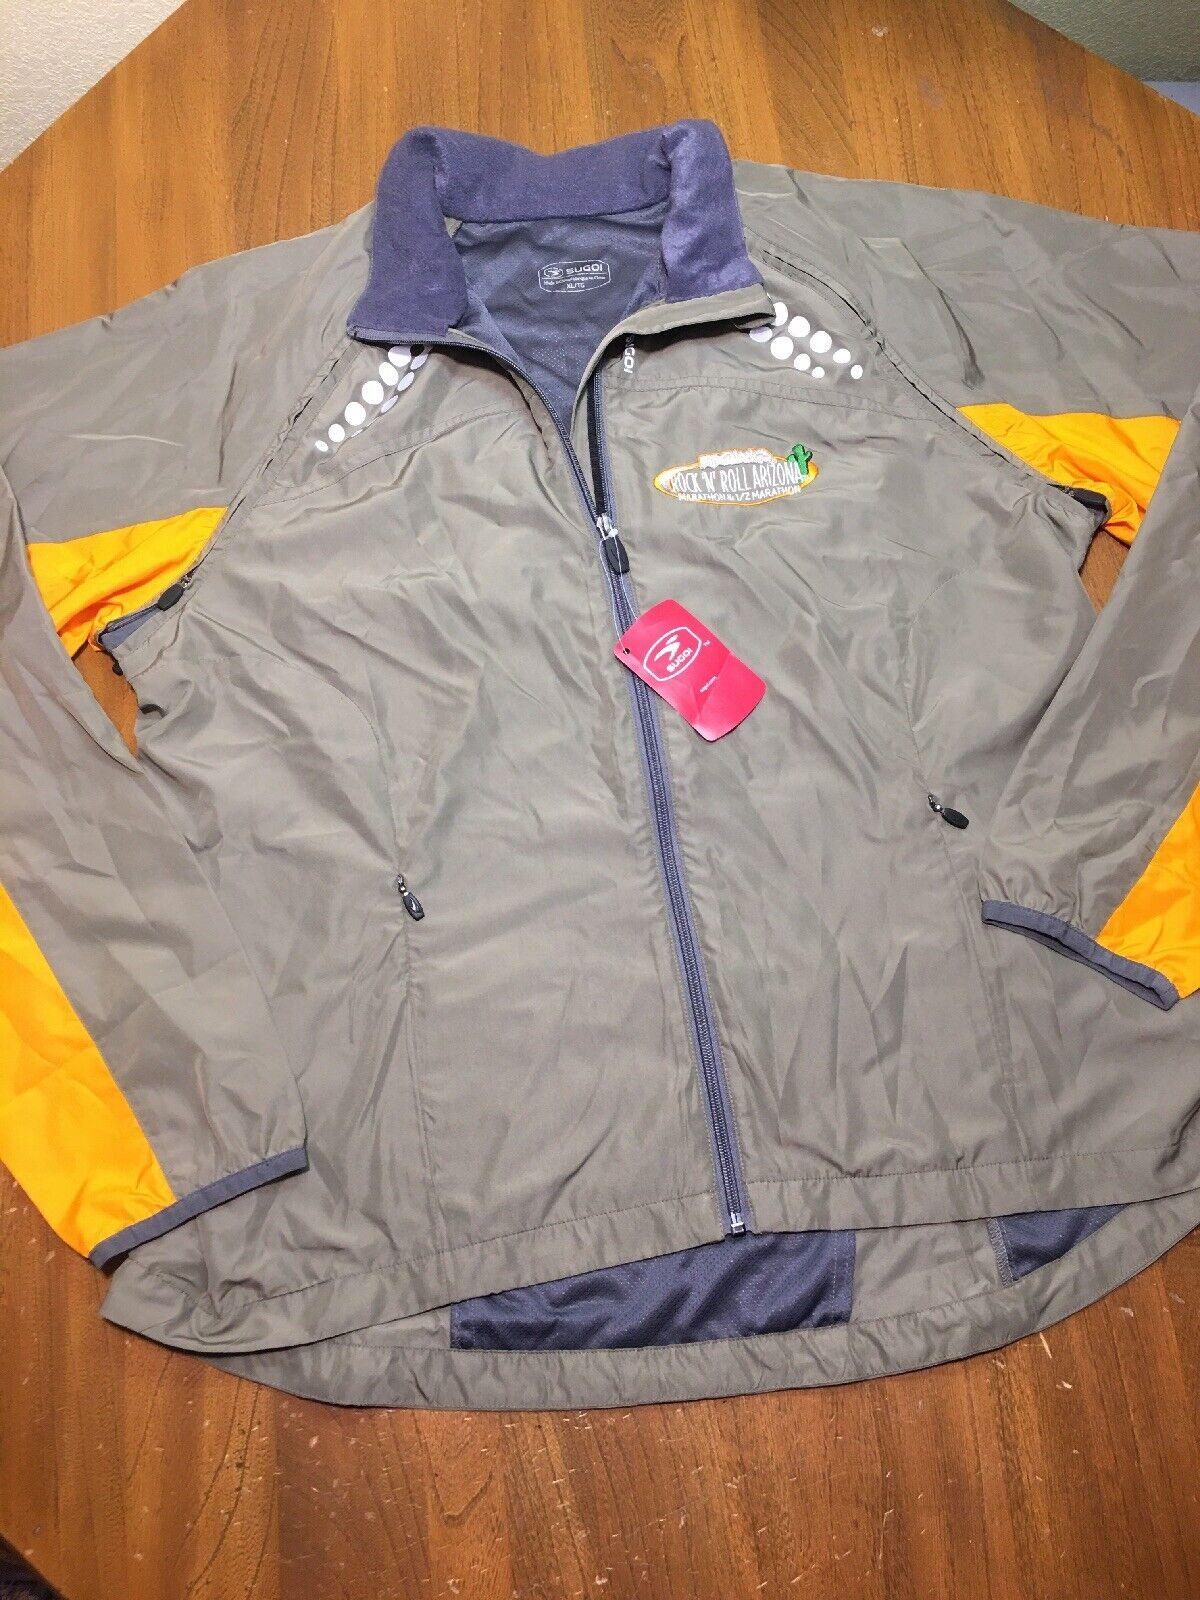 Chaqueta  de ciclismo para mujer Versa Sugoi Converdeible Vest Talla XL Nuevo Bordado  producto de calidad